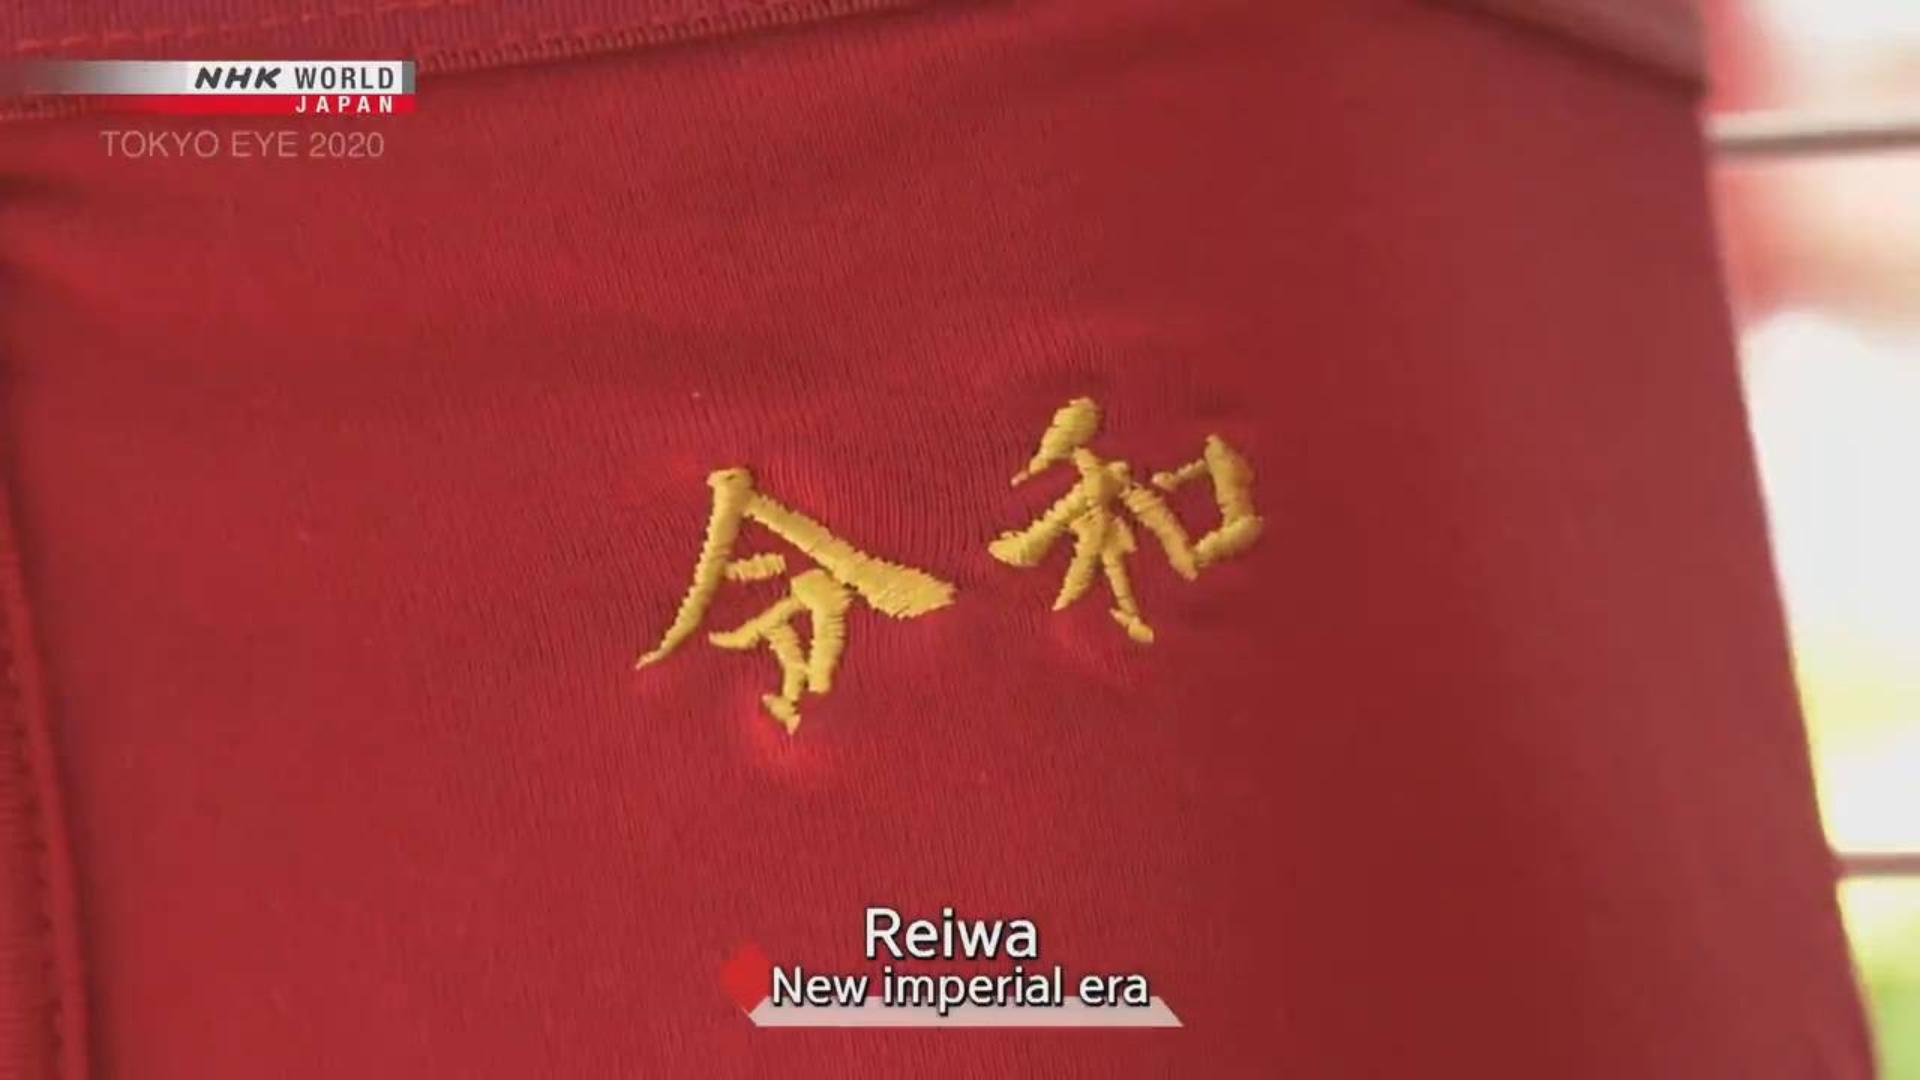 令和红内裤:有轨电车游览东京怀旧风情